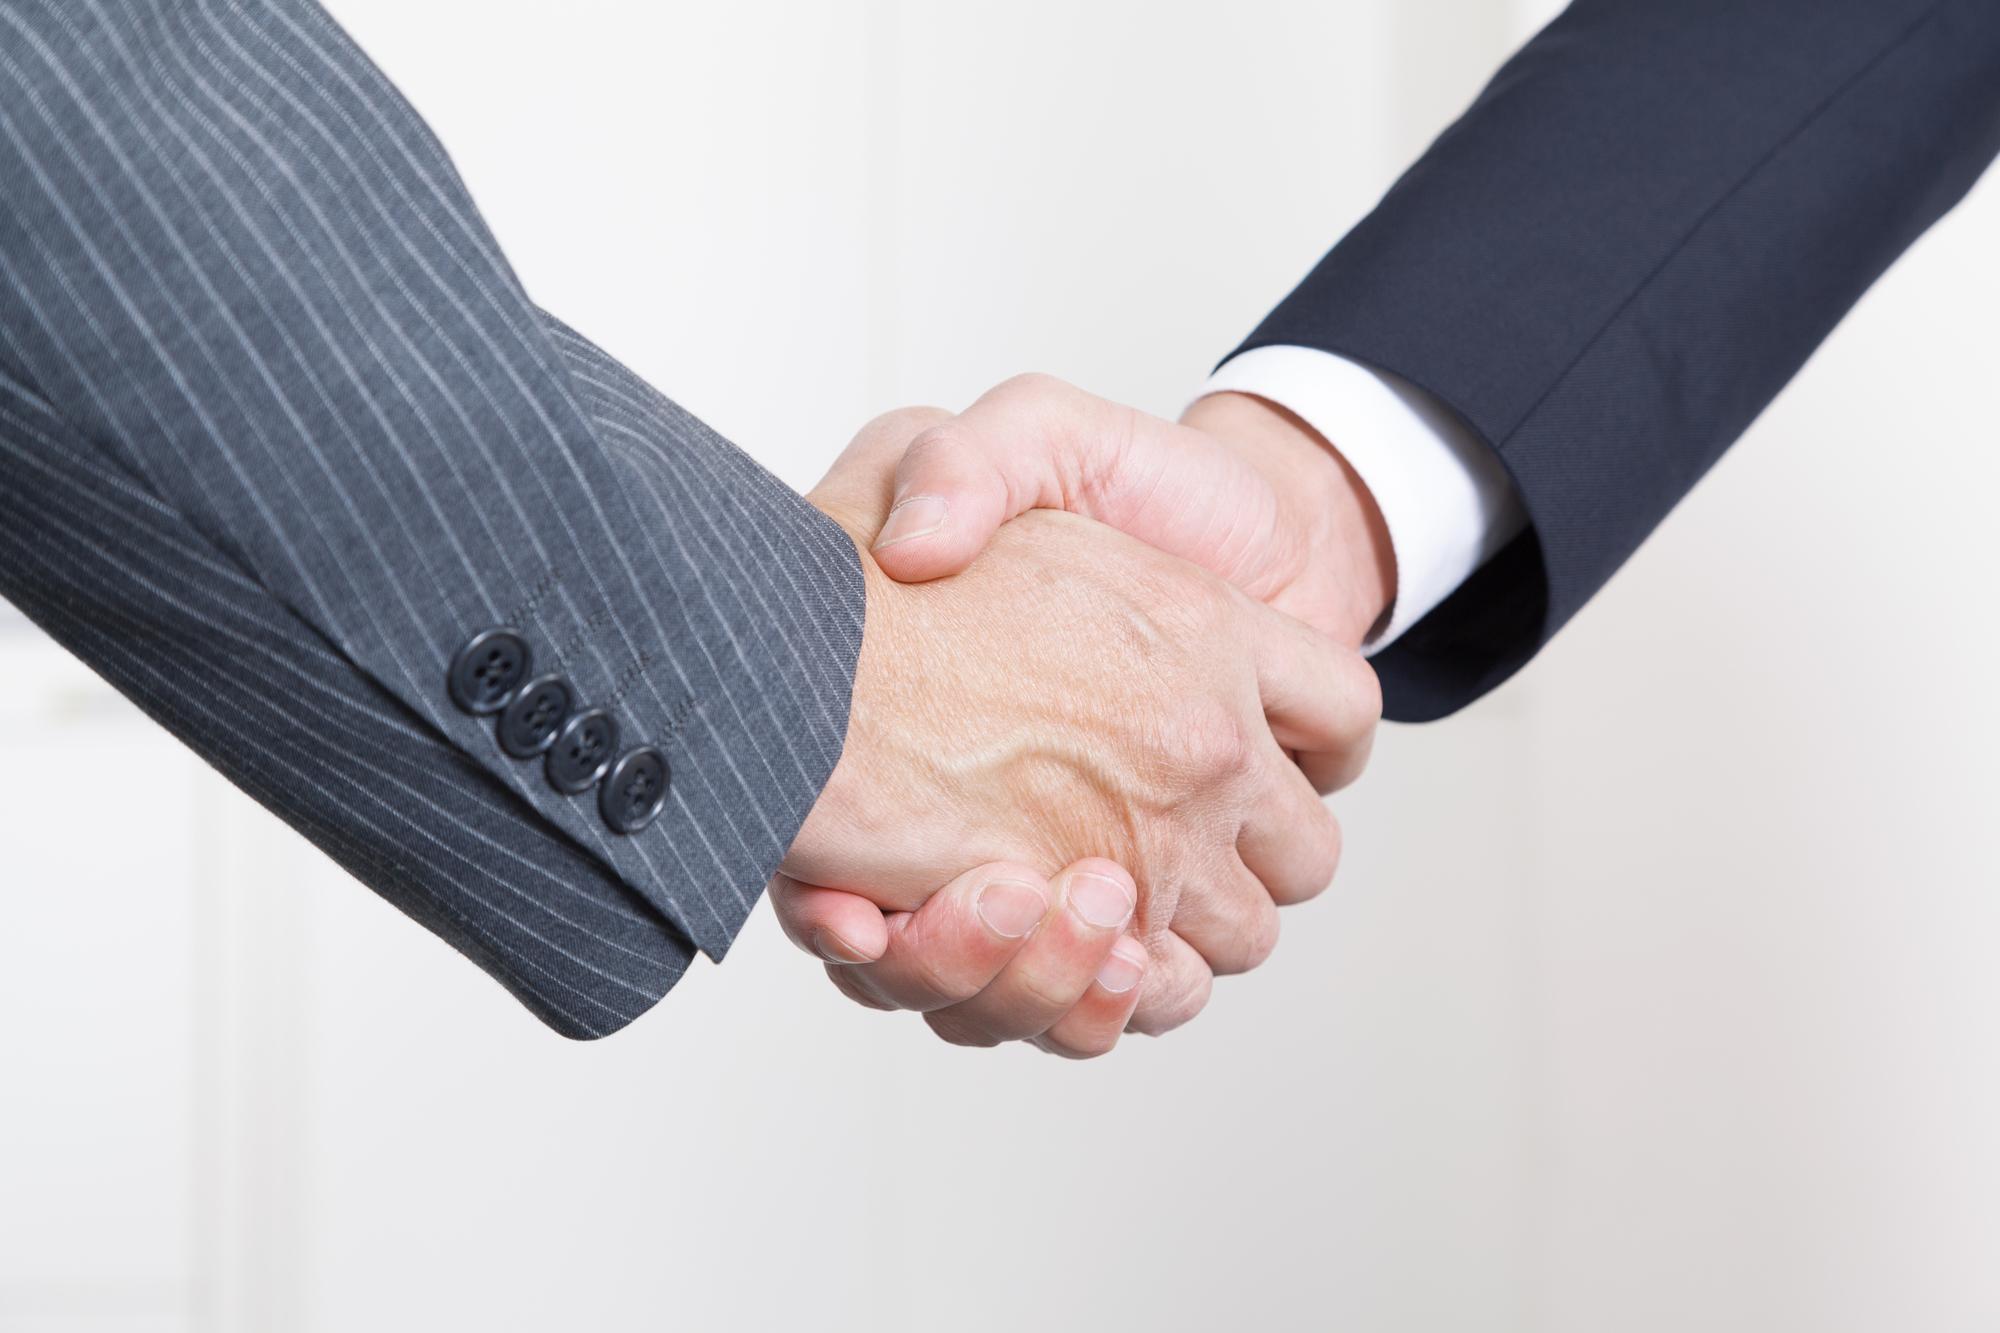 管理会社を就職先に選ぶべき4つの理由【管理会社社長が語る】